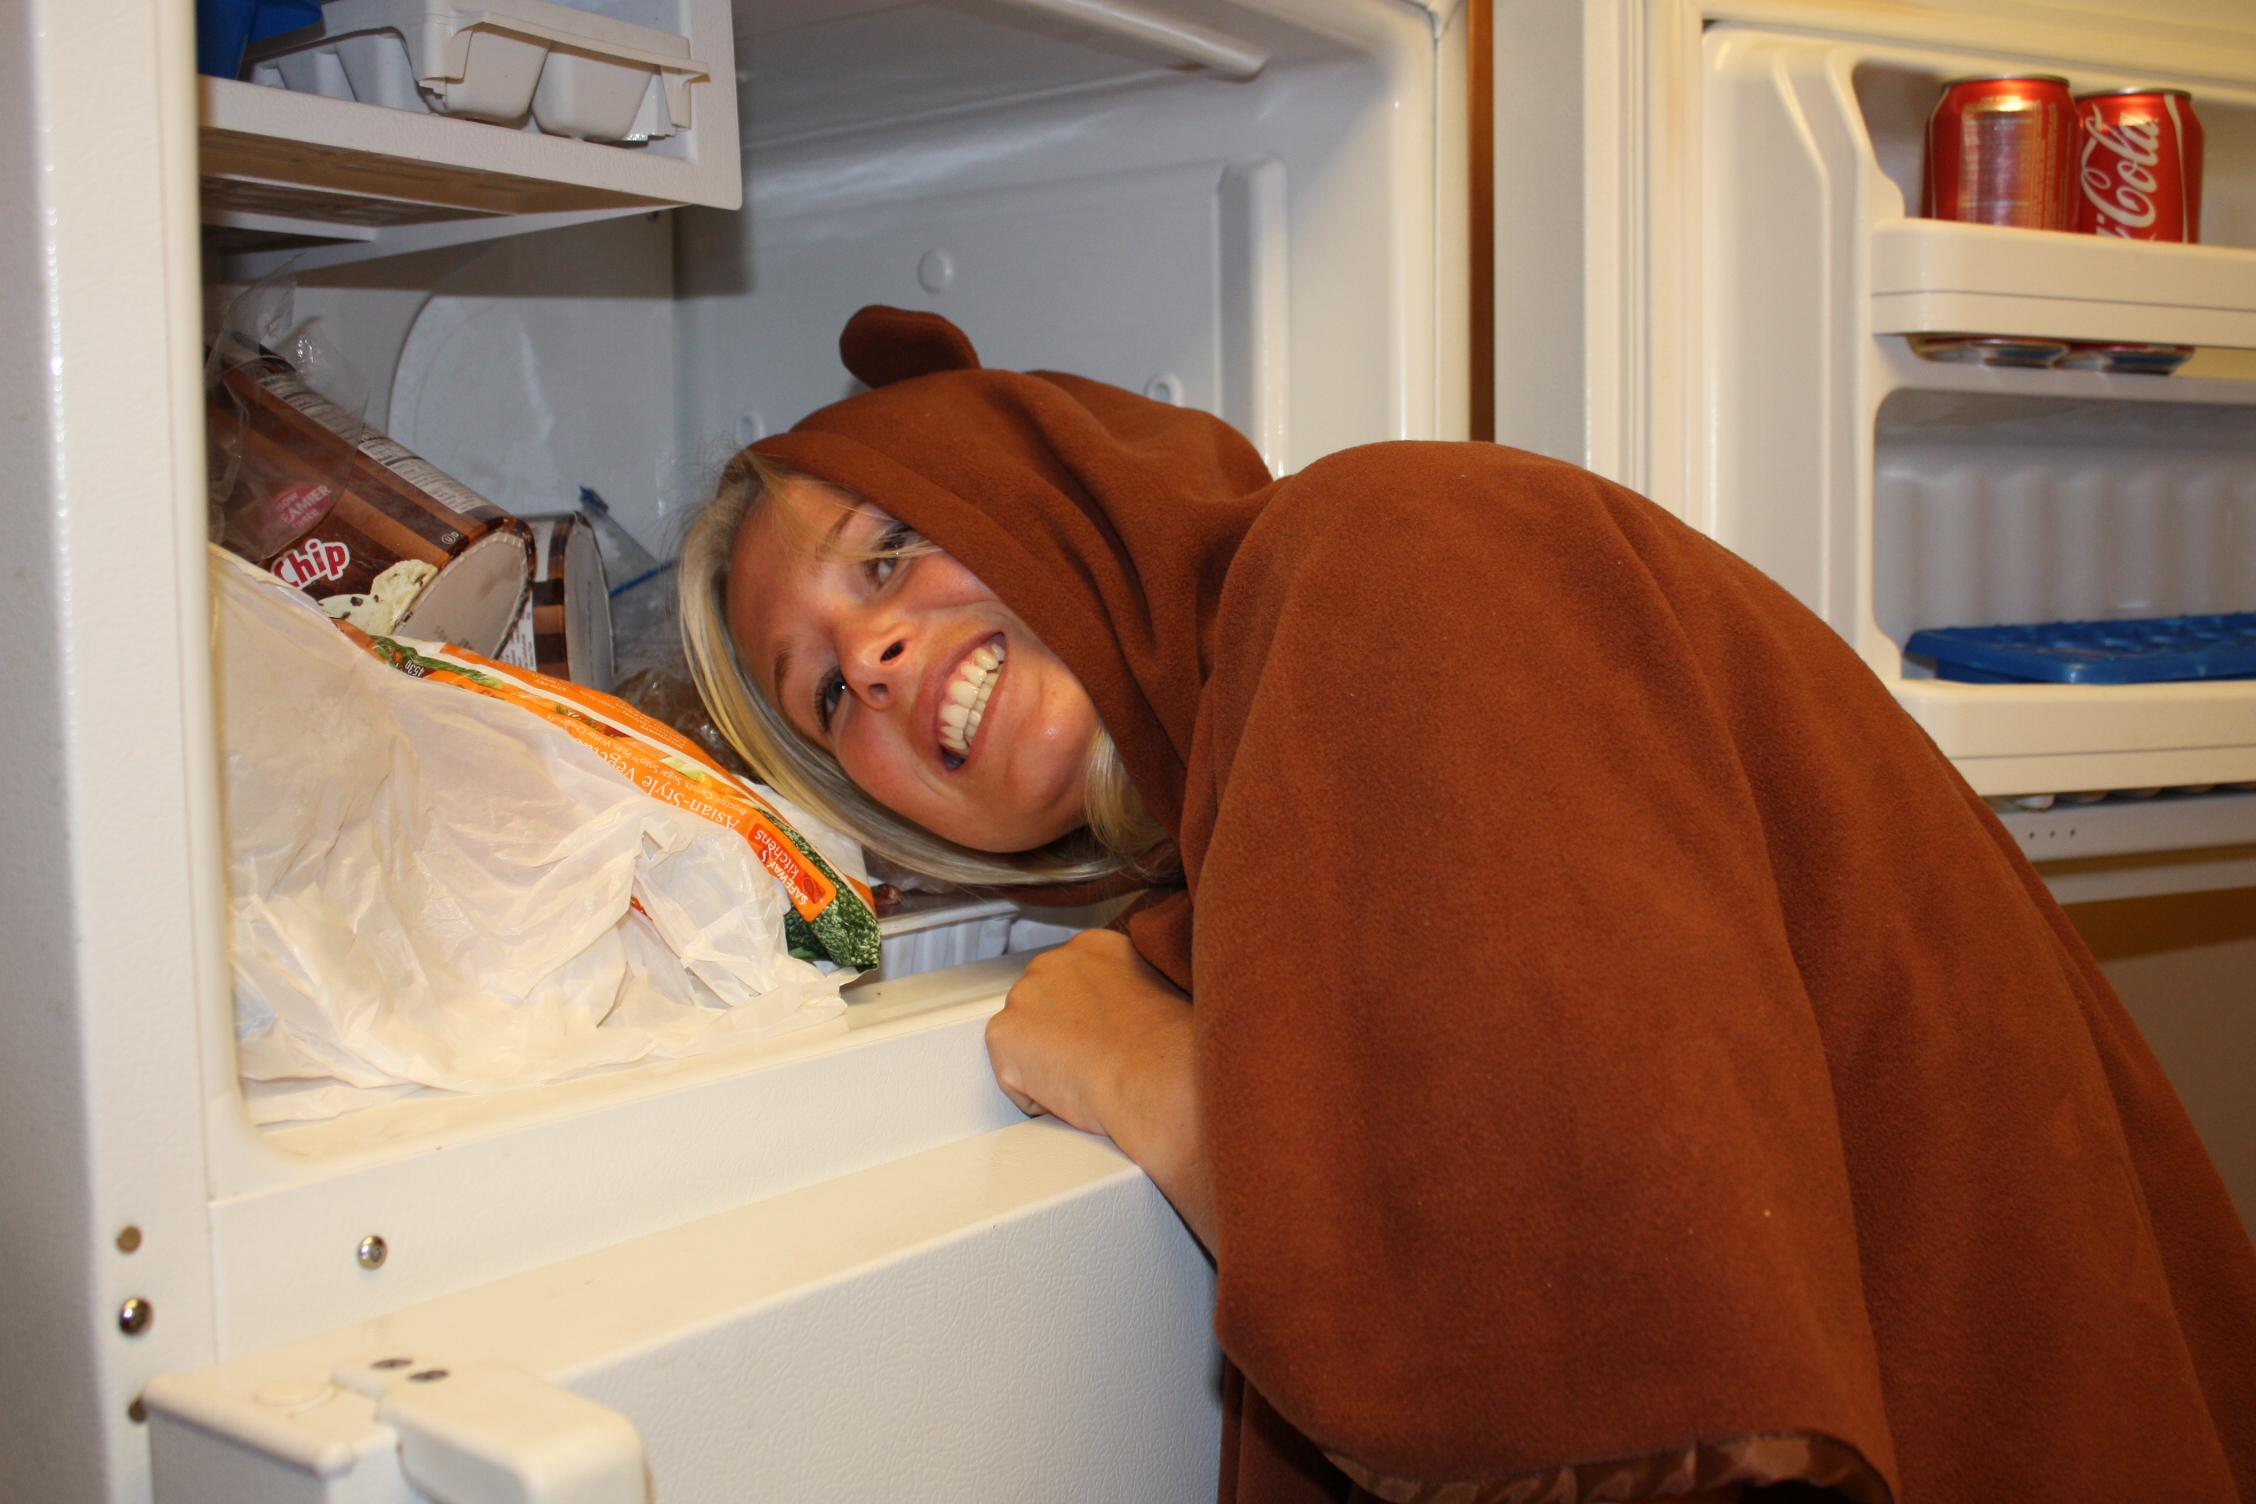 голова в холодильнике картинки комбикорм для